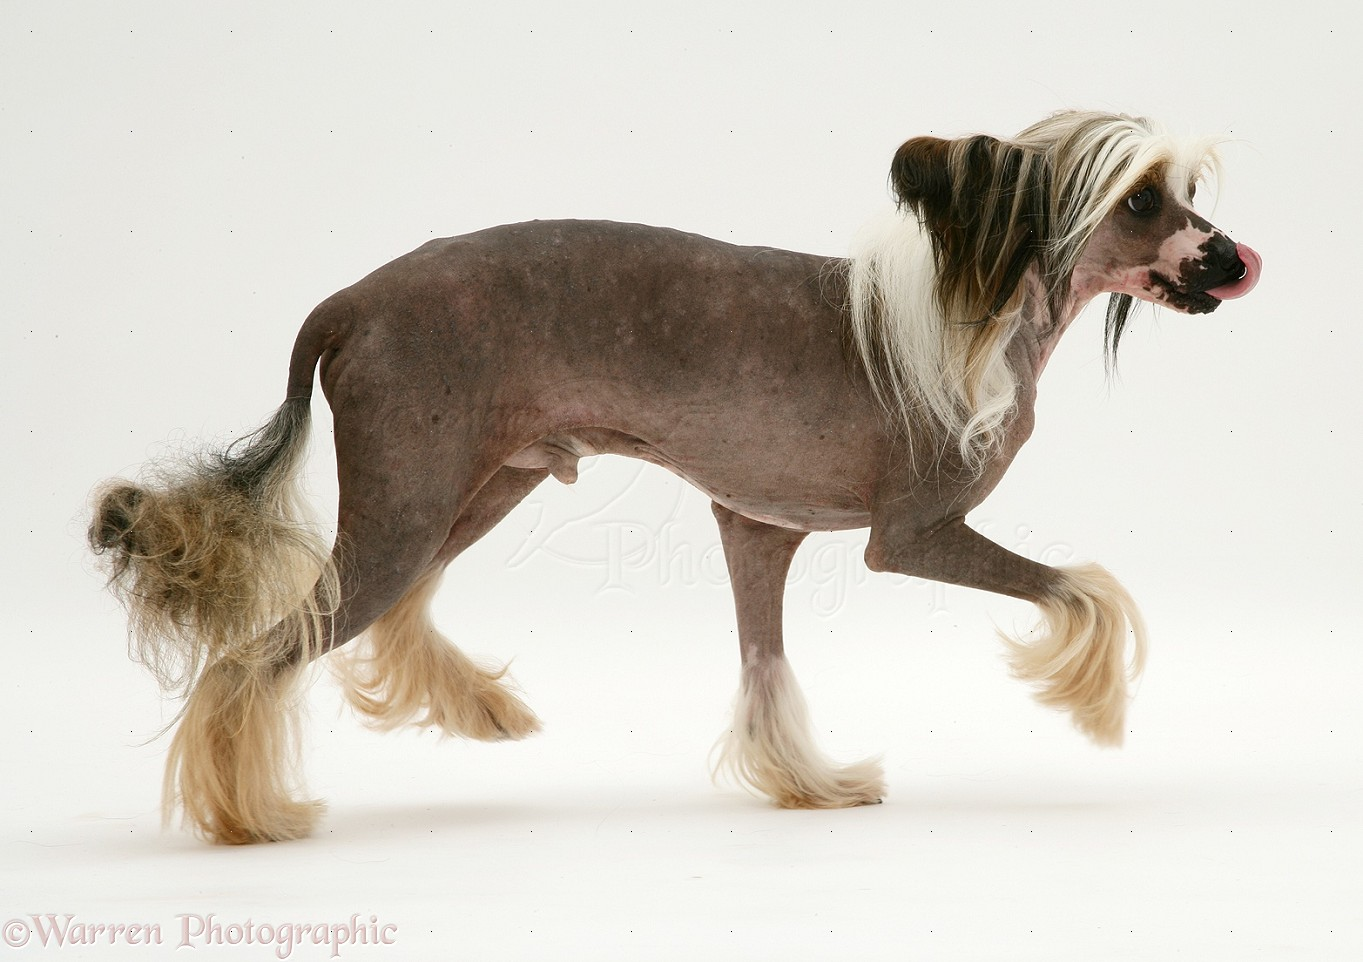 Chinese Crested Dog Trotting Across Photo Wp14015